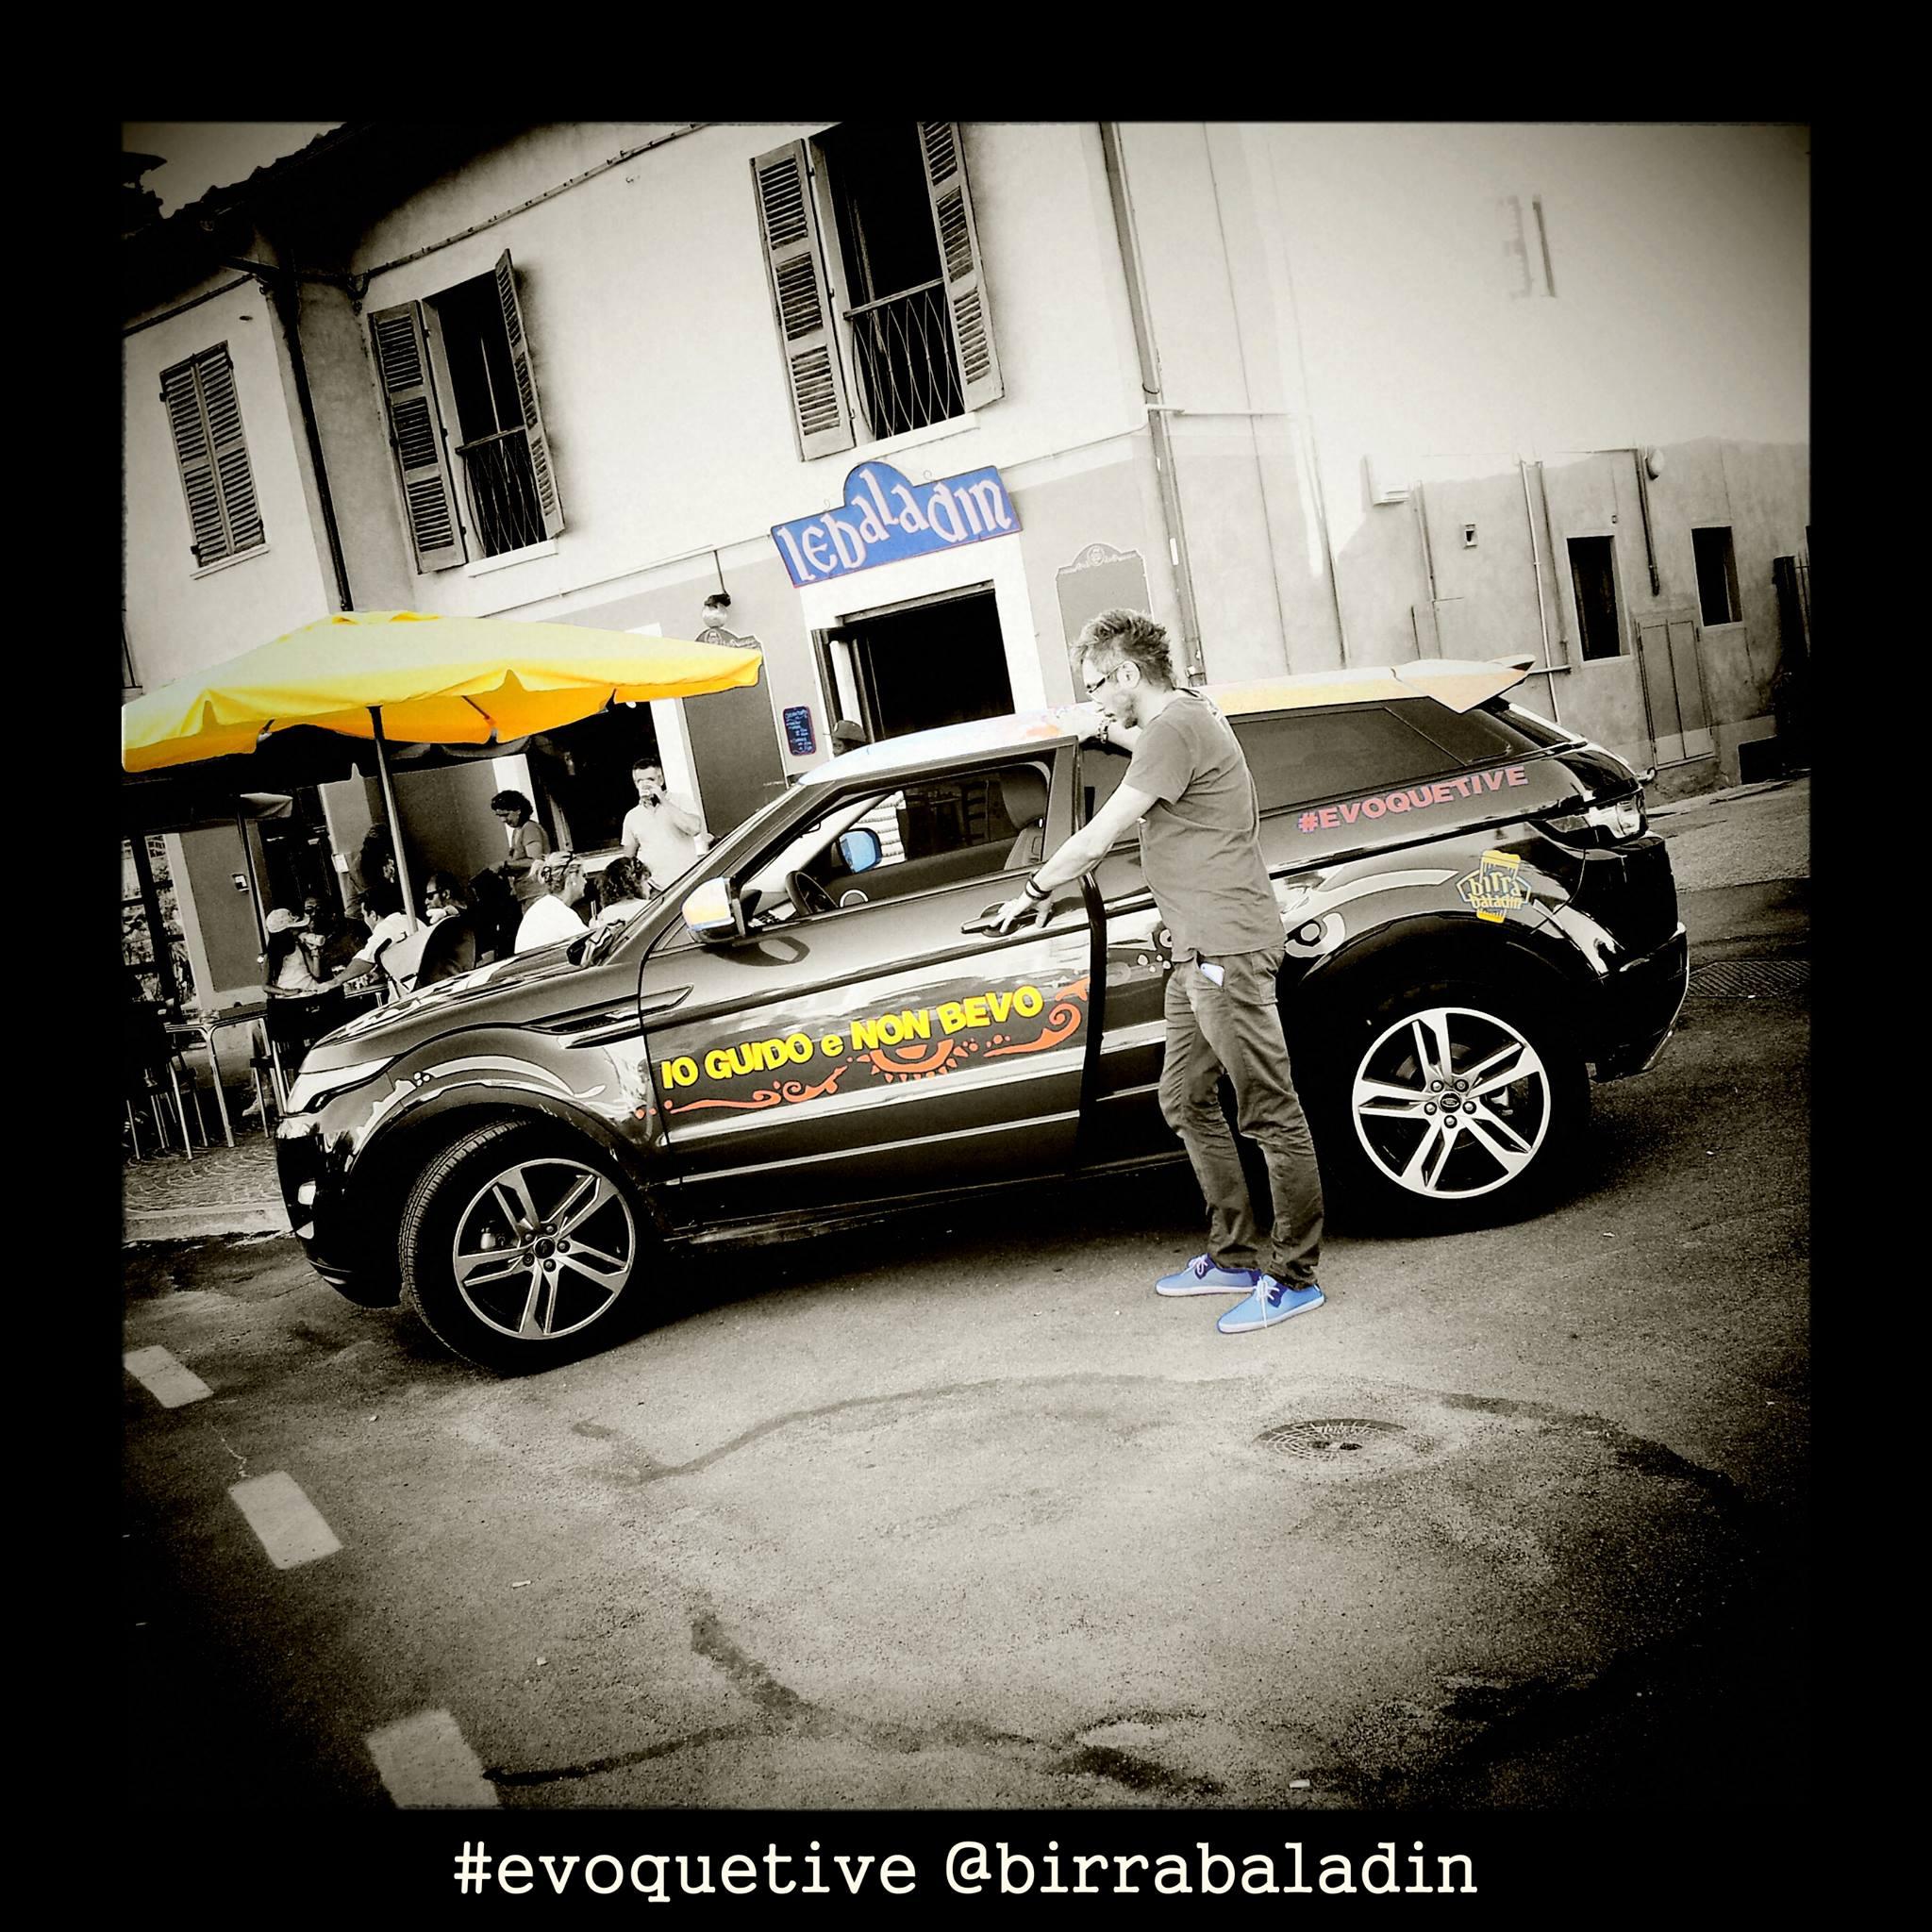 Land Rover e Baladin